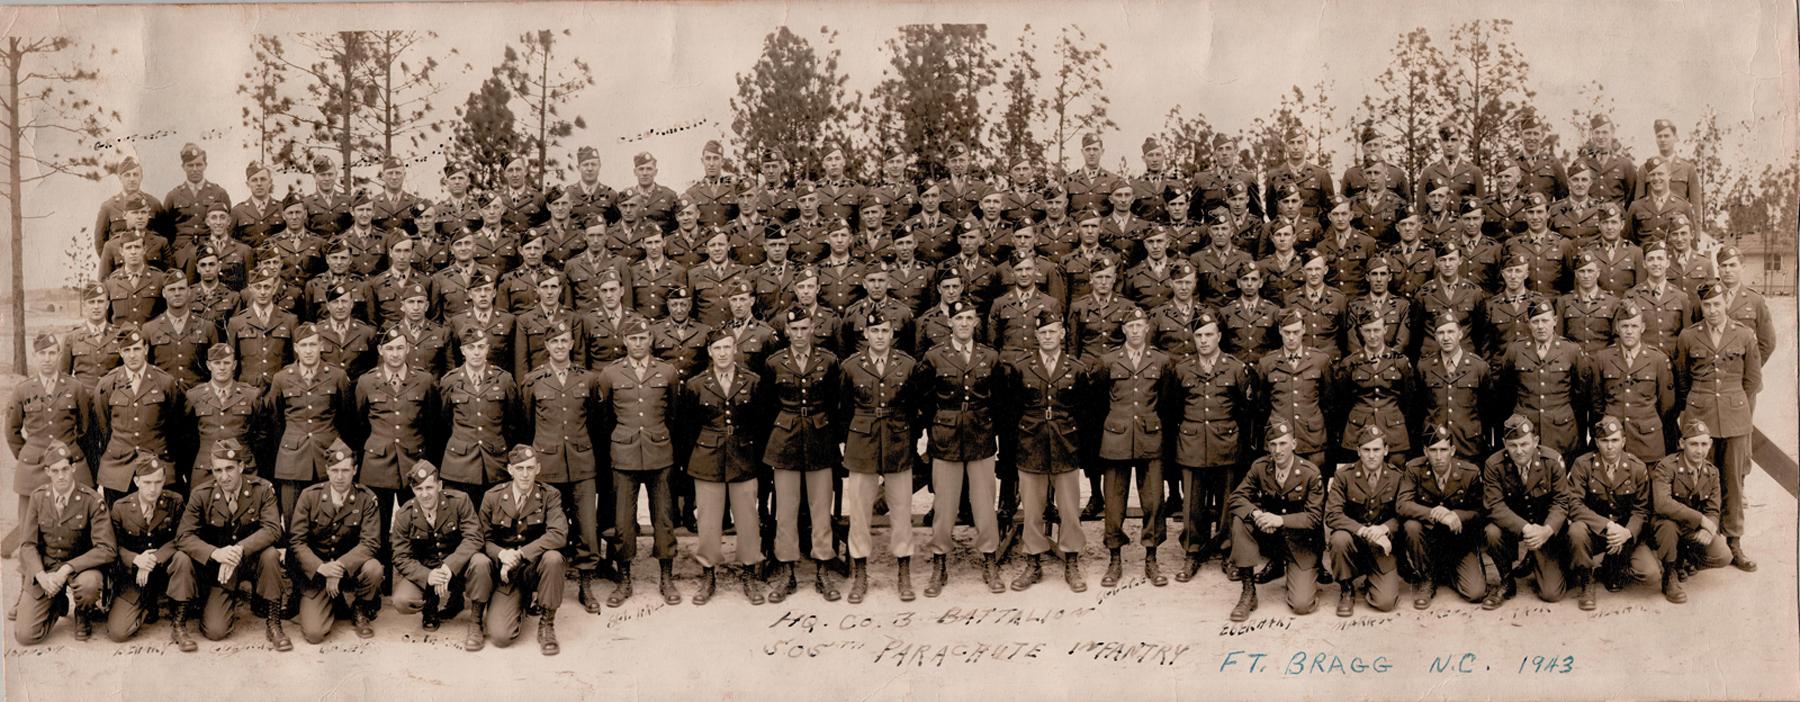 Fort Bragg History